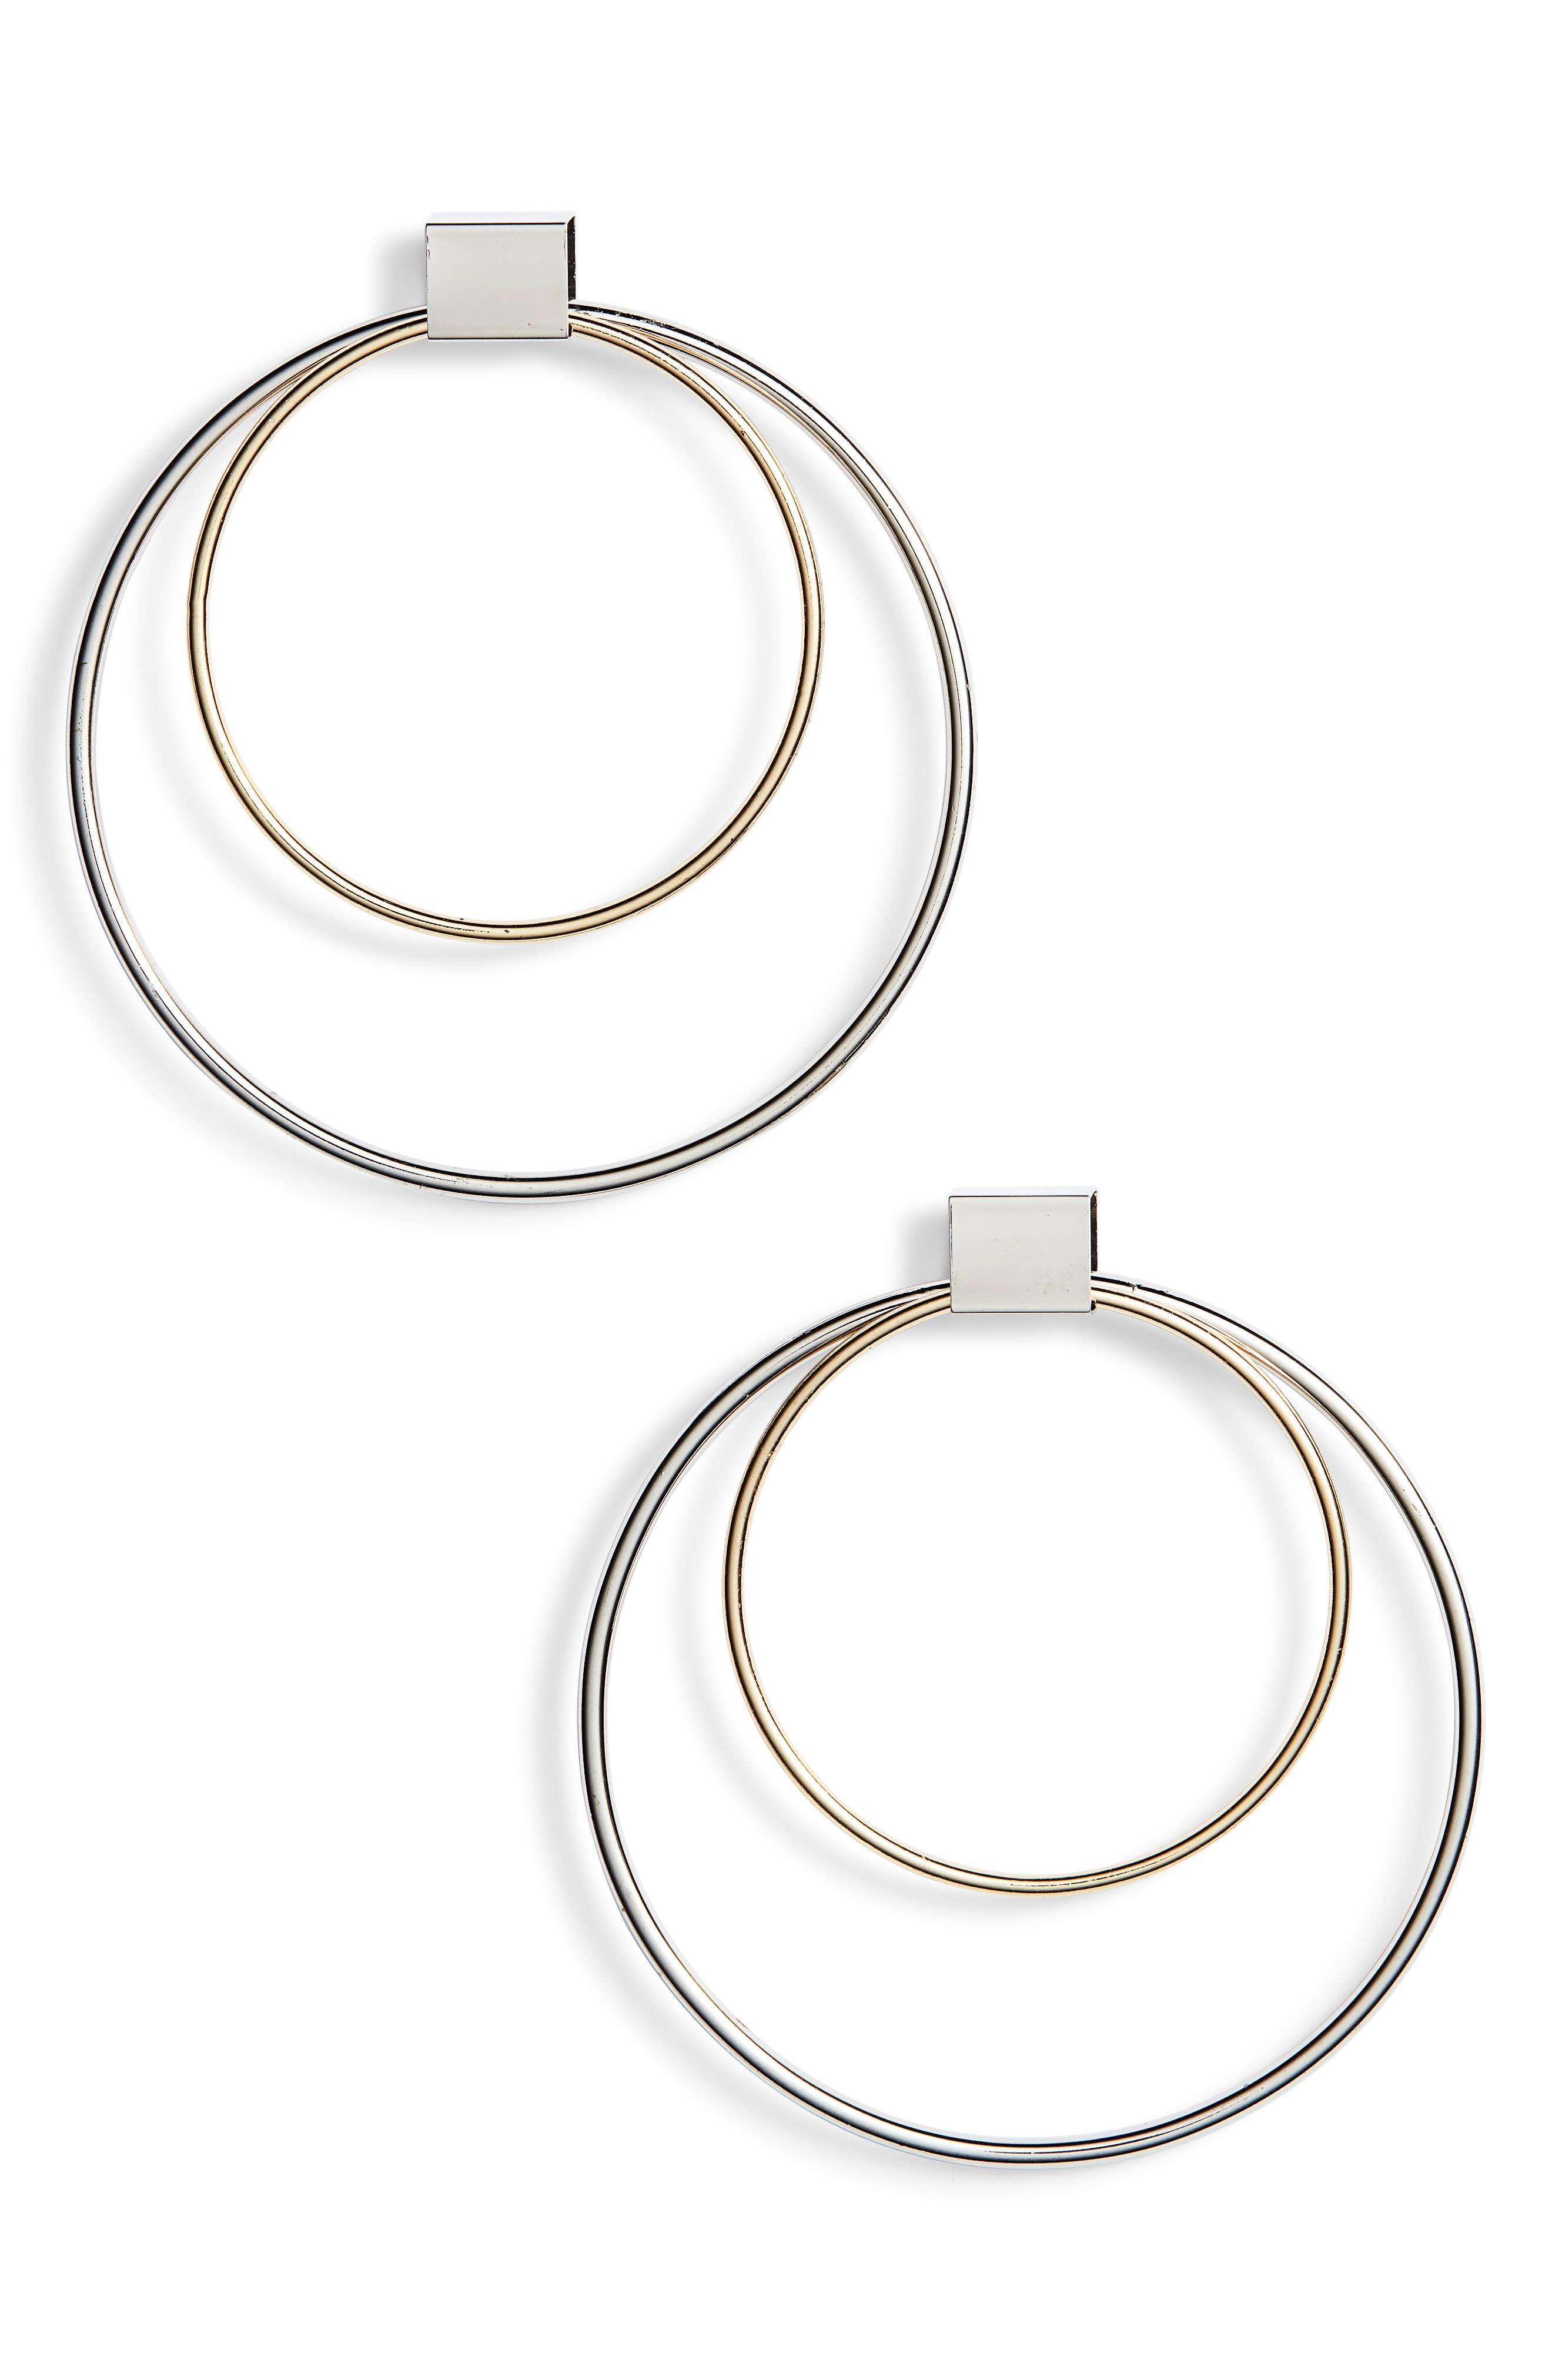 Double Hoop Earrings,                             Main thumbnail 1, color,                             710